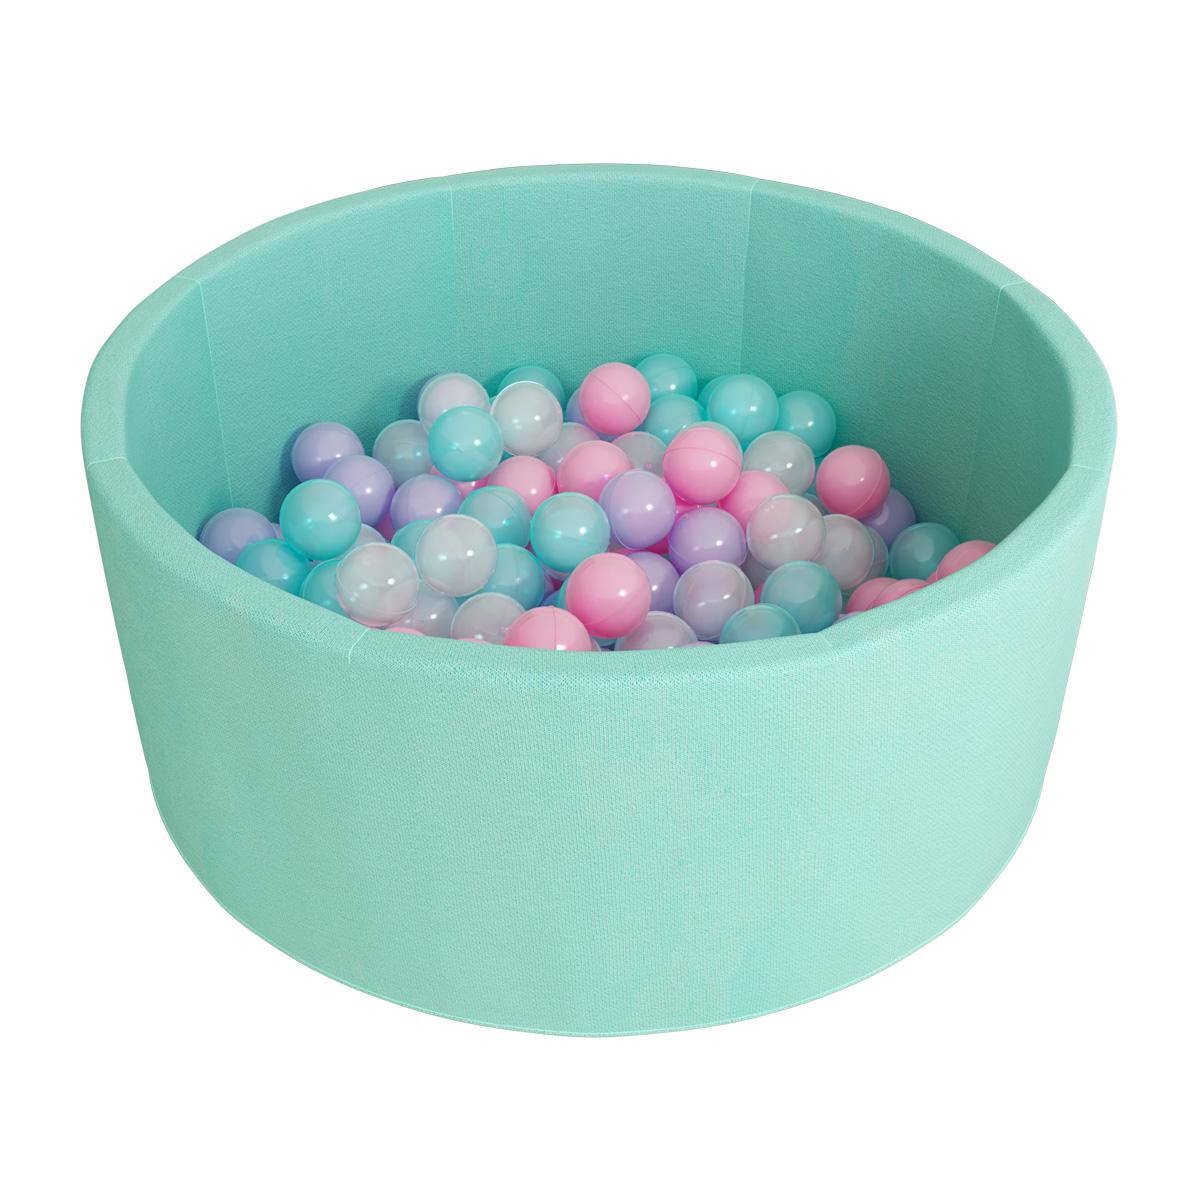 Купить Сухой бассейн Romana - Airpool ДМФ-МК-02.53.01, бирюзовый с розовыми шариками